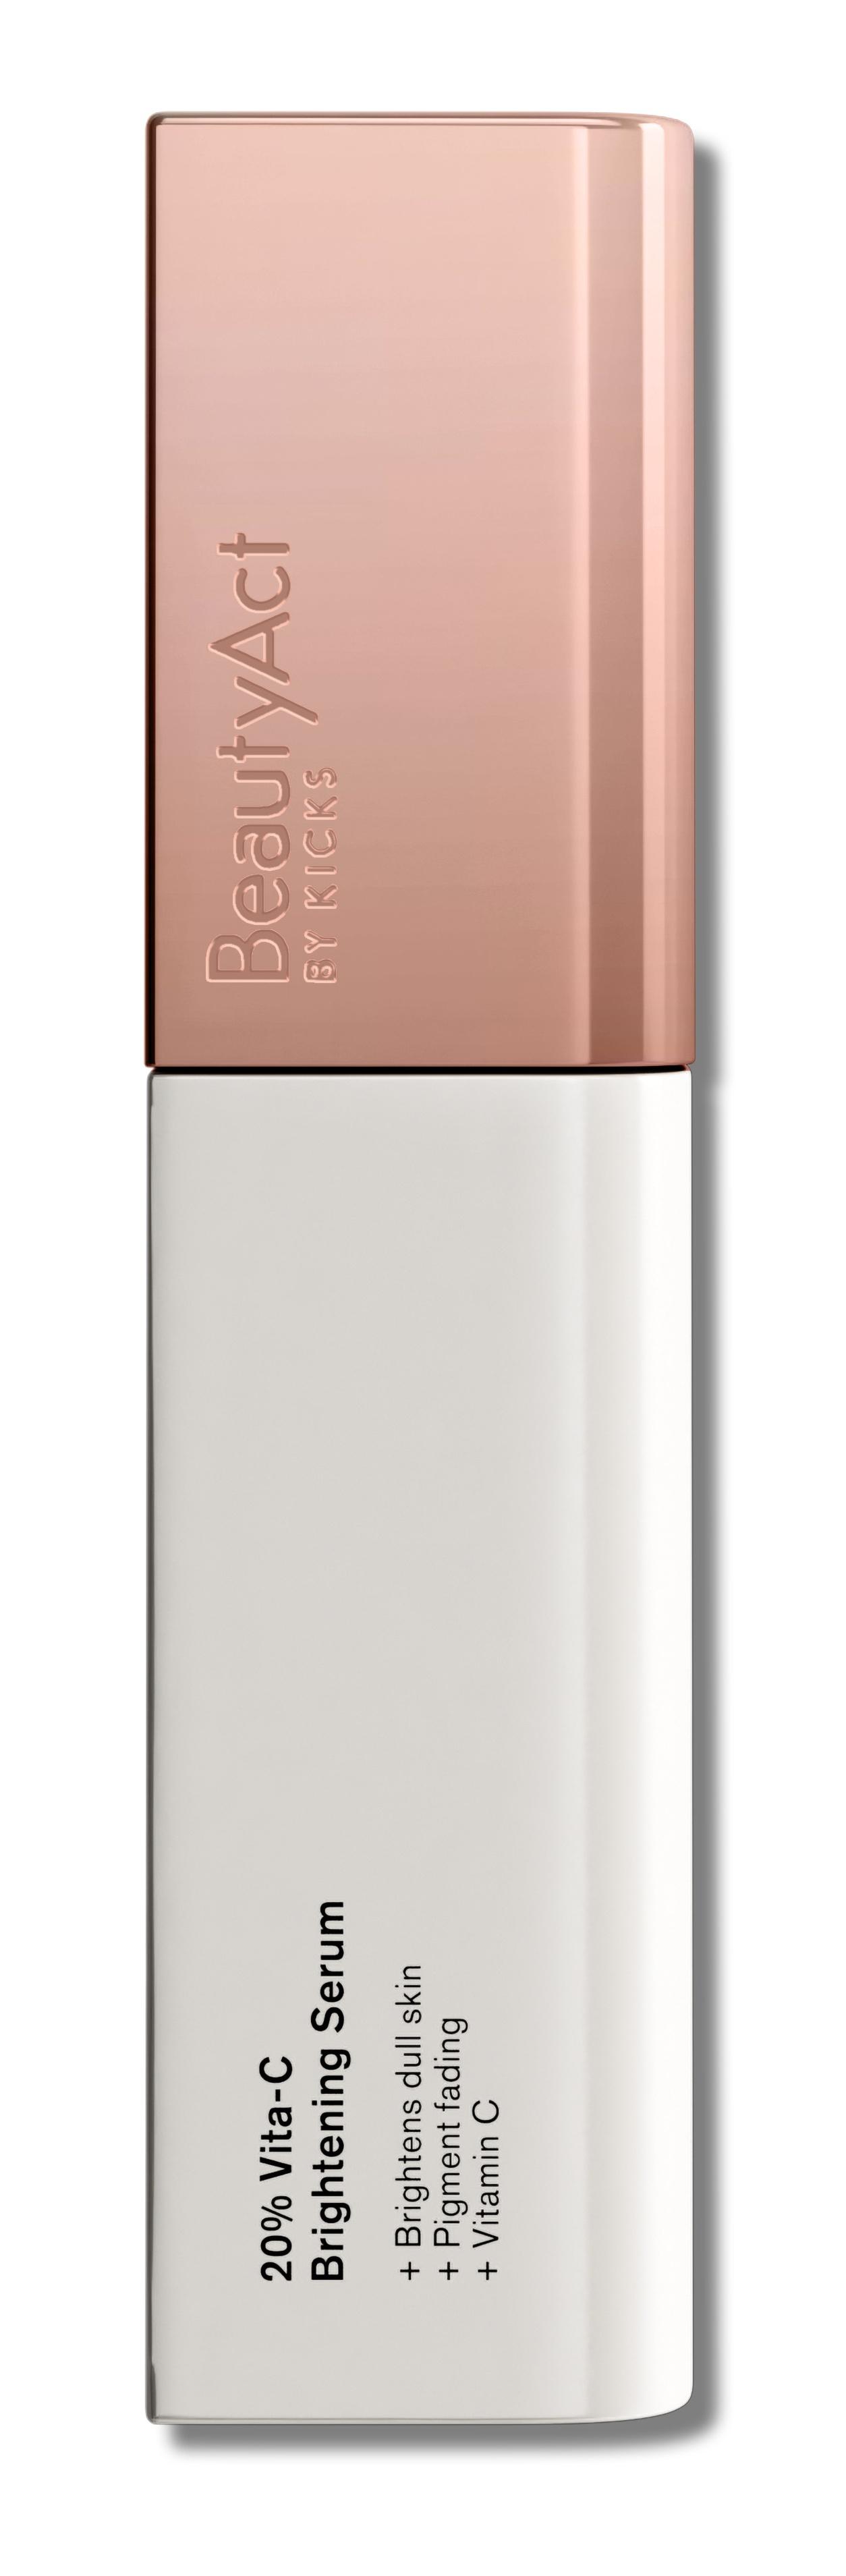 BeautyAct 20% Vita-C Brightening Serum